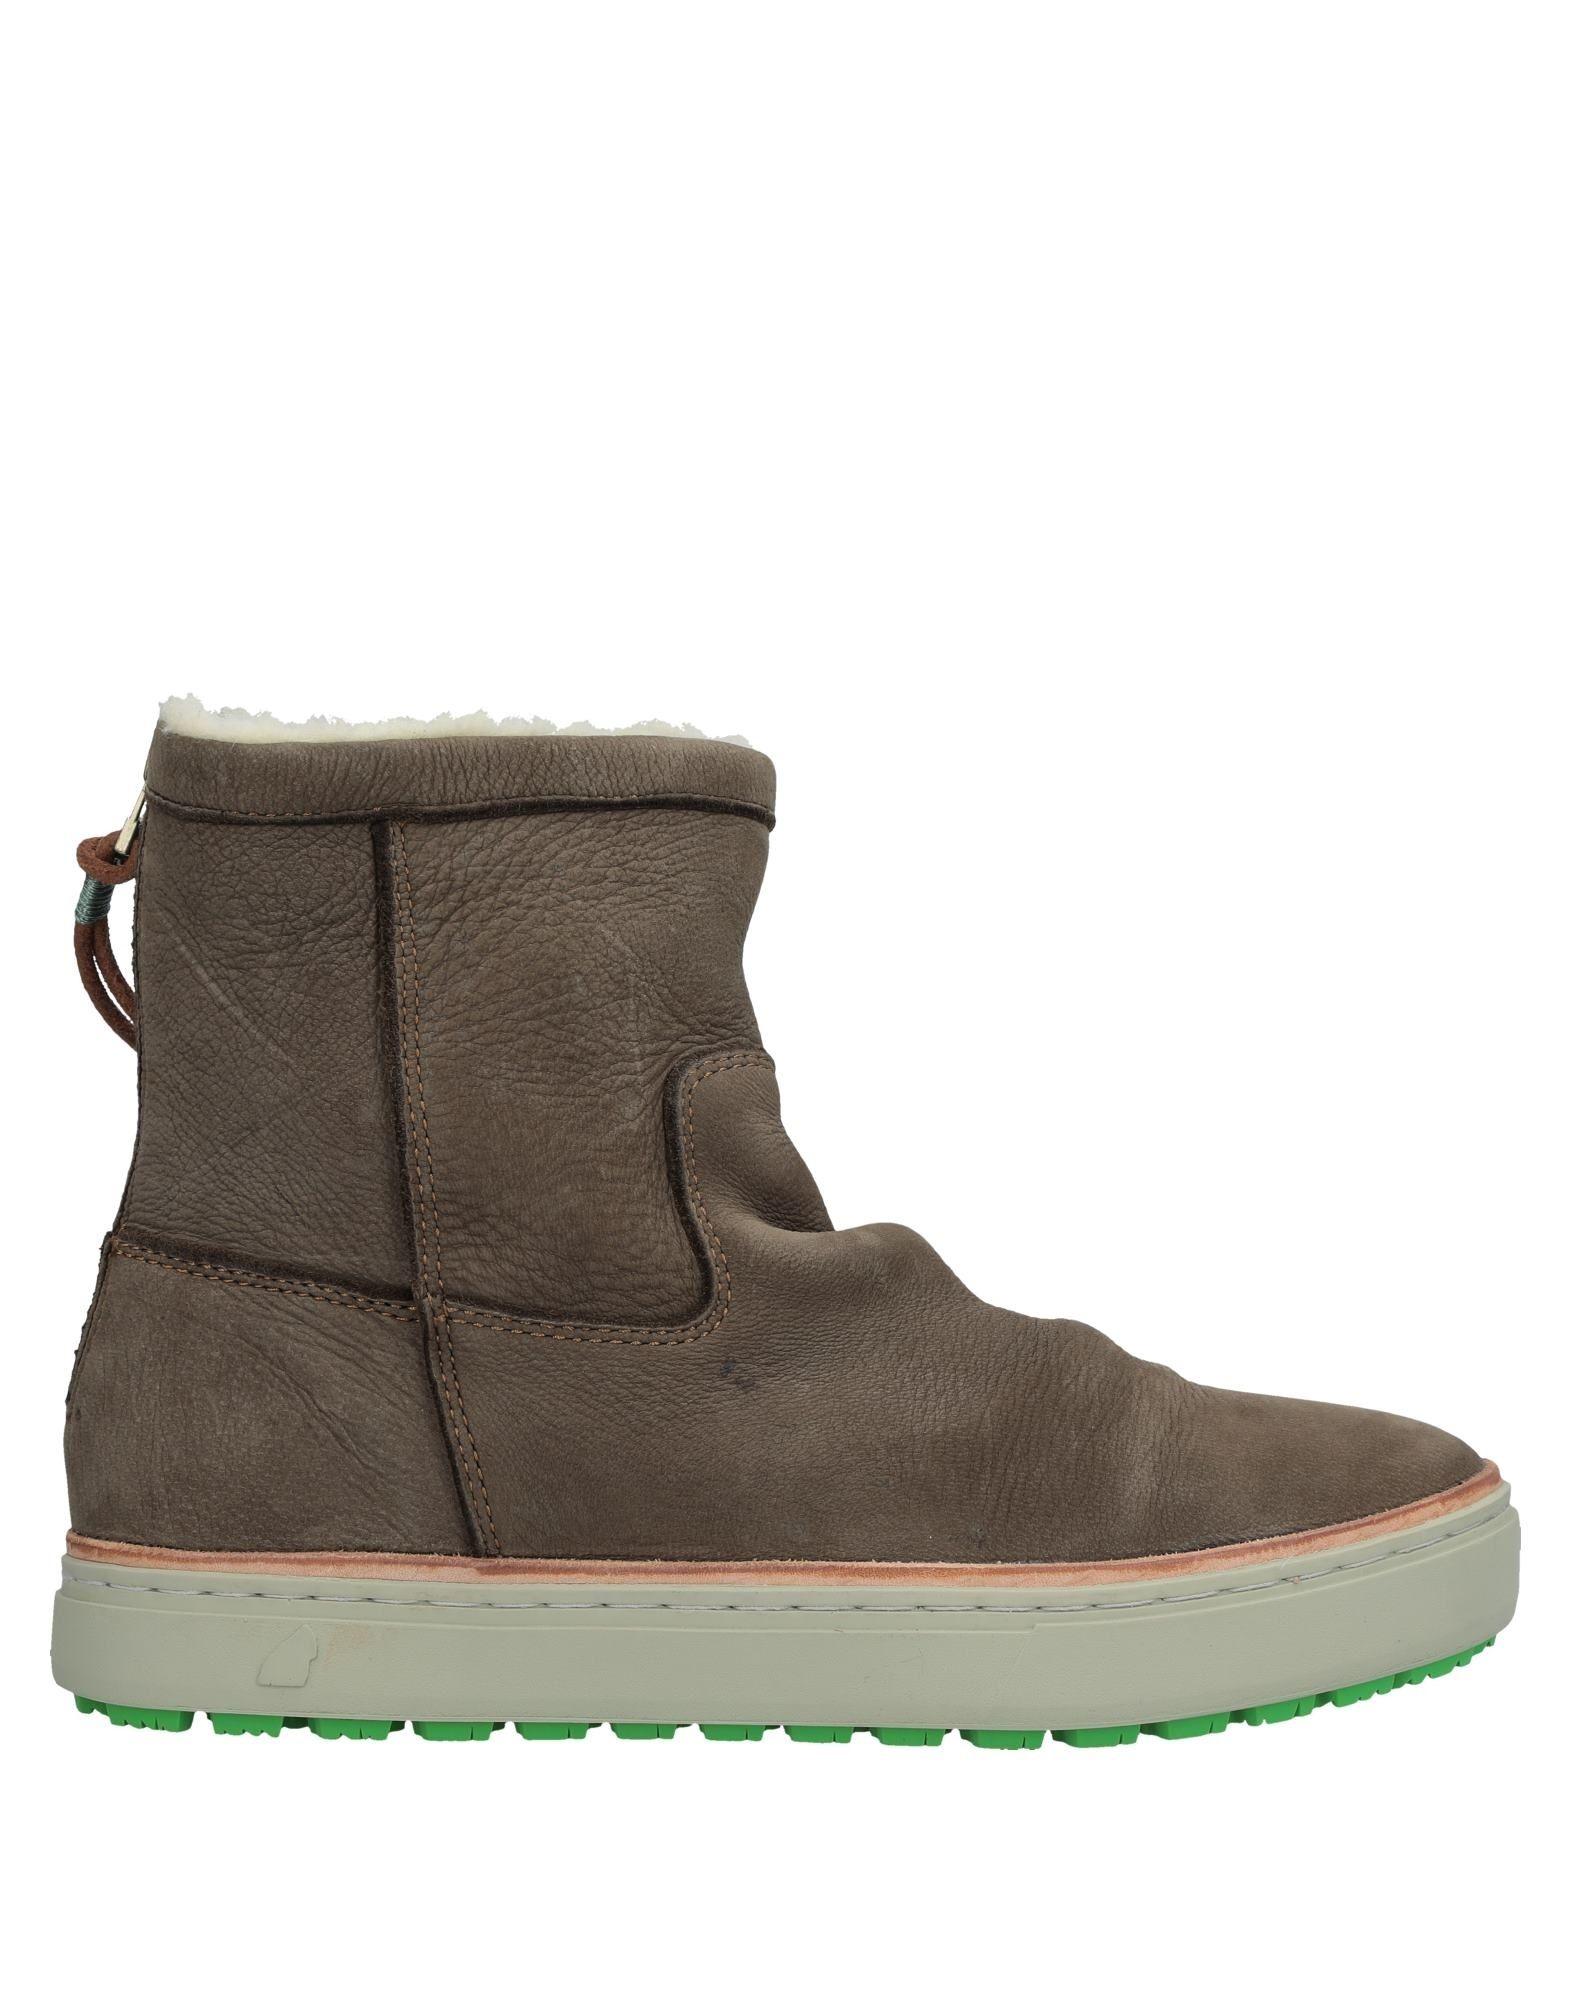 Satorisan Stiefelette Herren  11527810XL Gute Qualität beliebte Schuhe